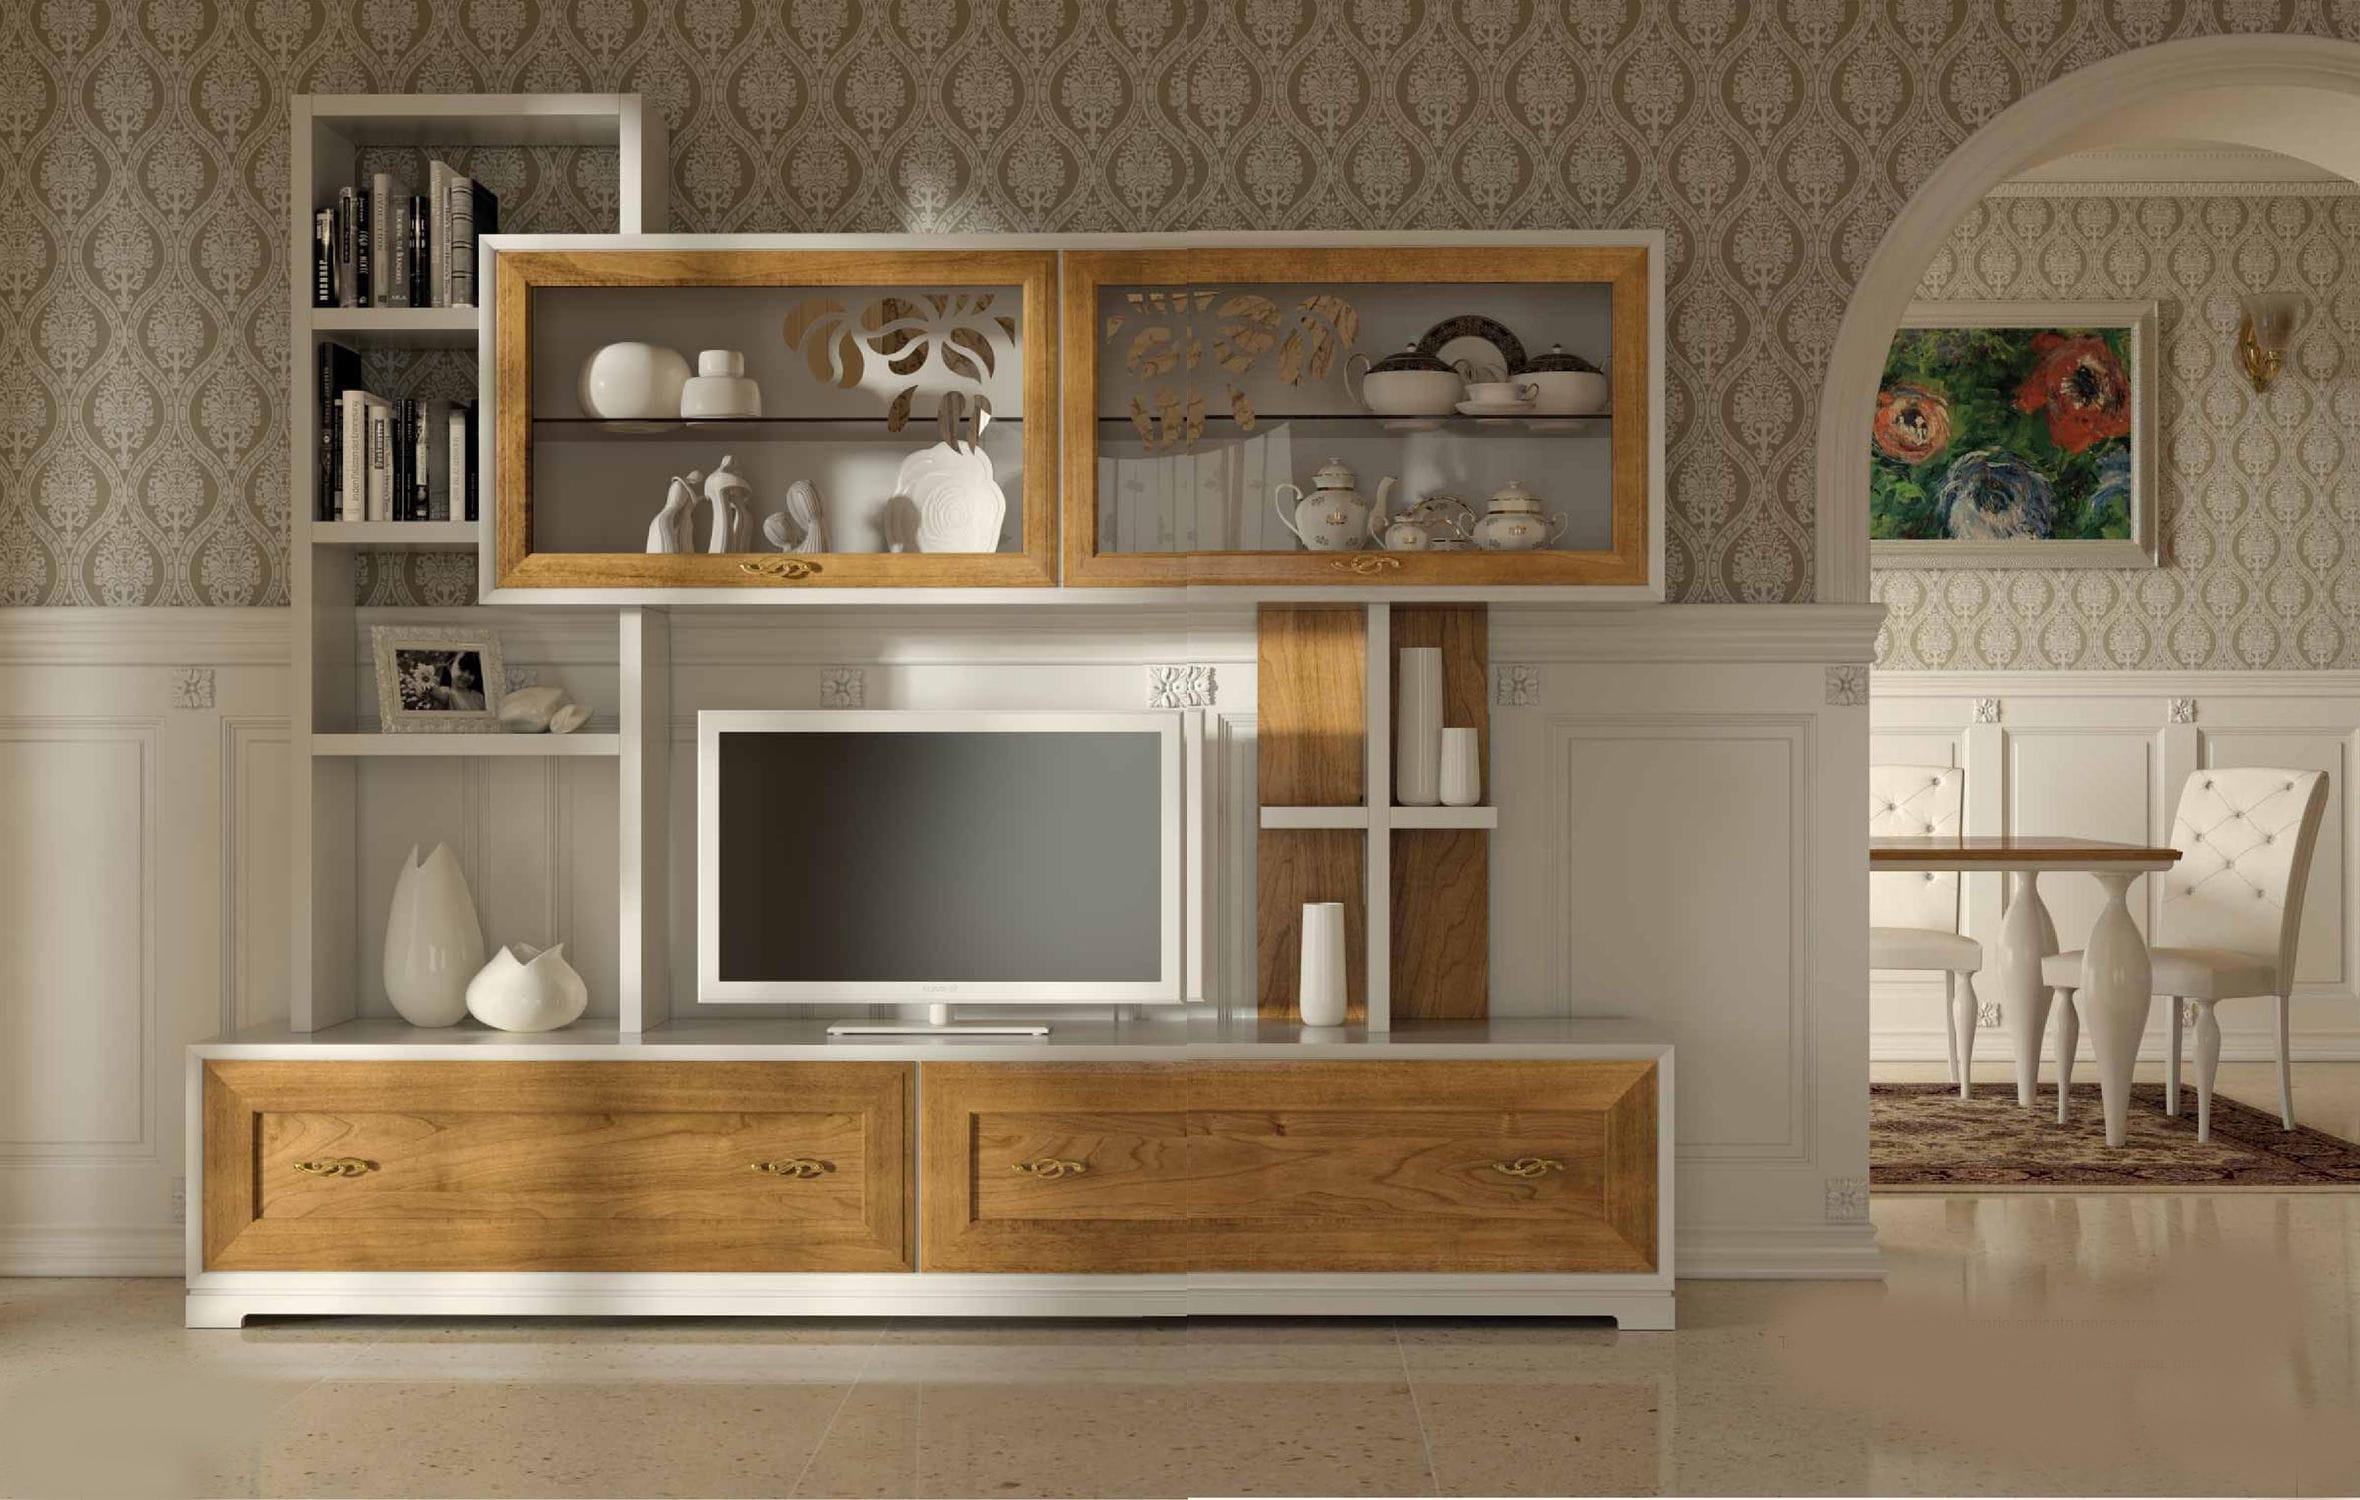 Soggiorno in legno moderno : soggiorno moderno legno massello ...